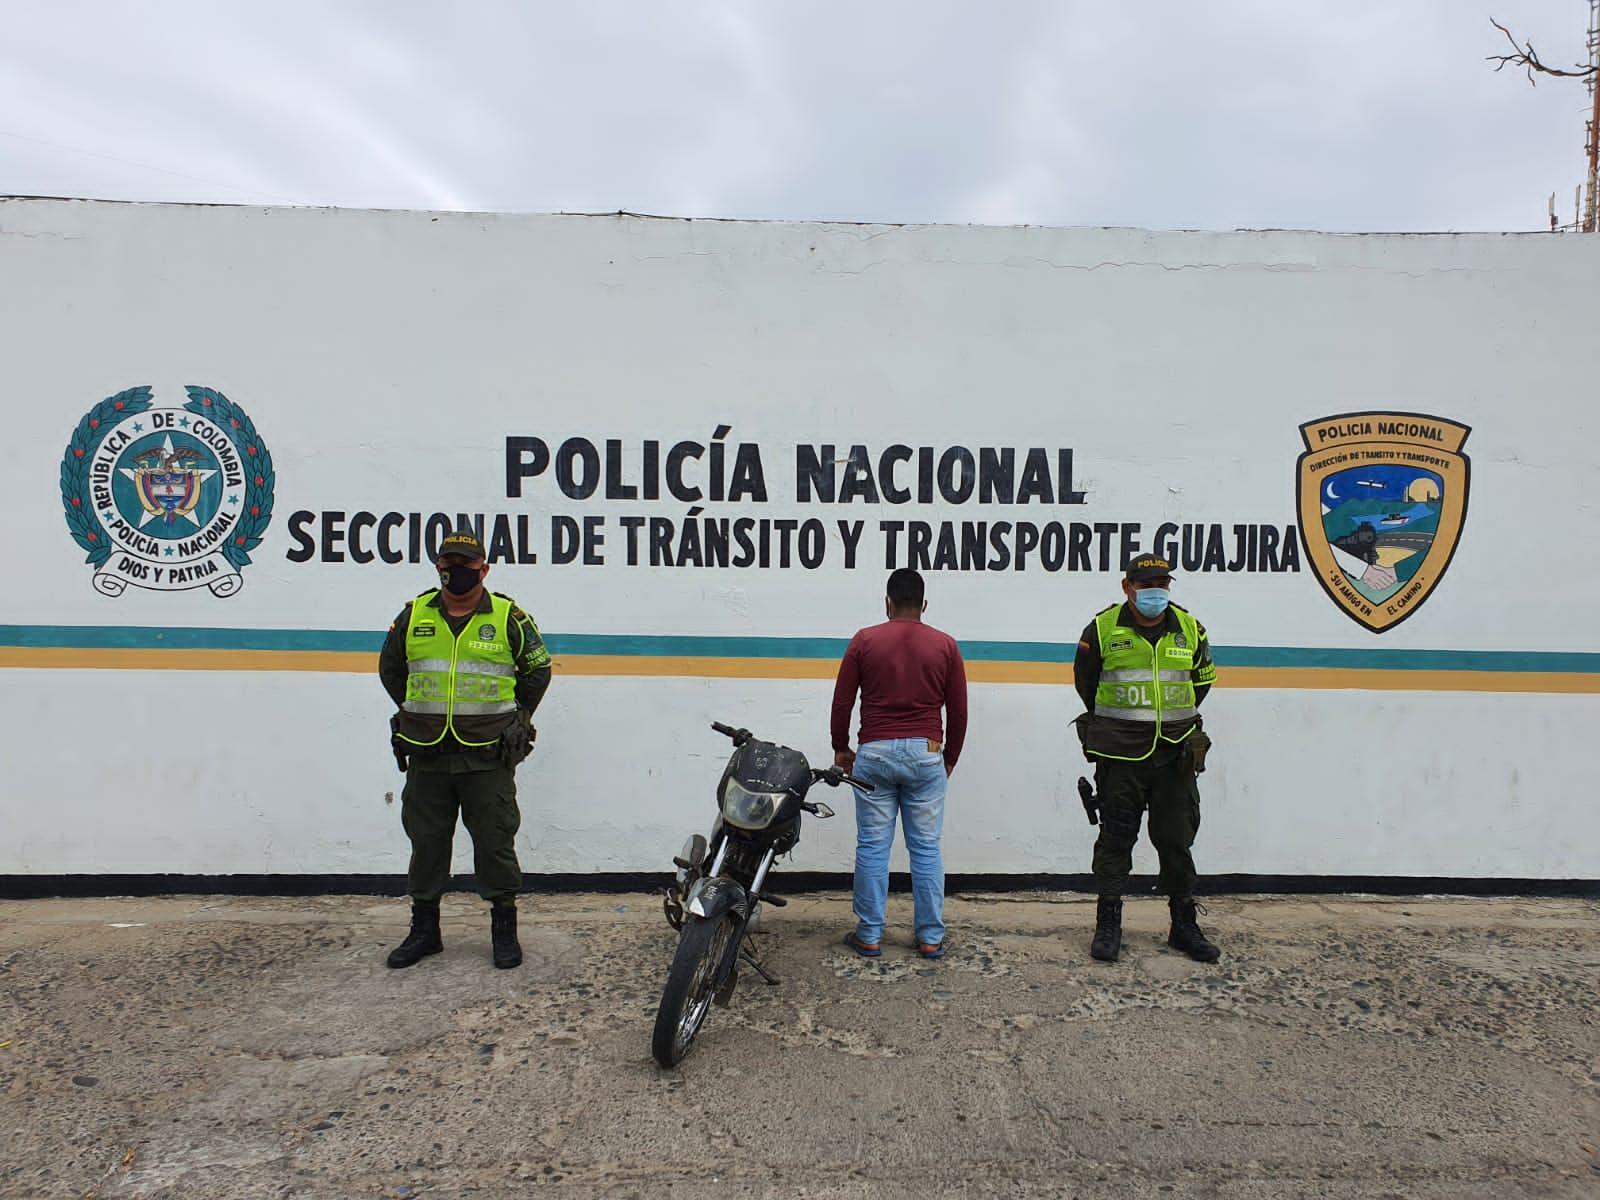 https://www.notasrosas.com/Setra incauta combustible, cigarrillos e inmoviliza vehículos en vías de La Guajira